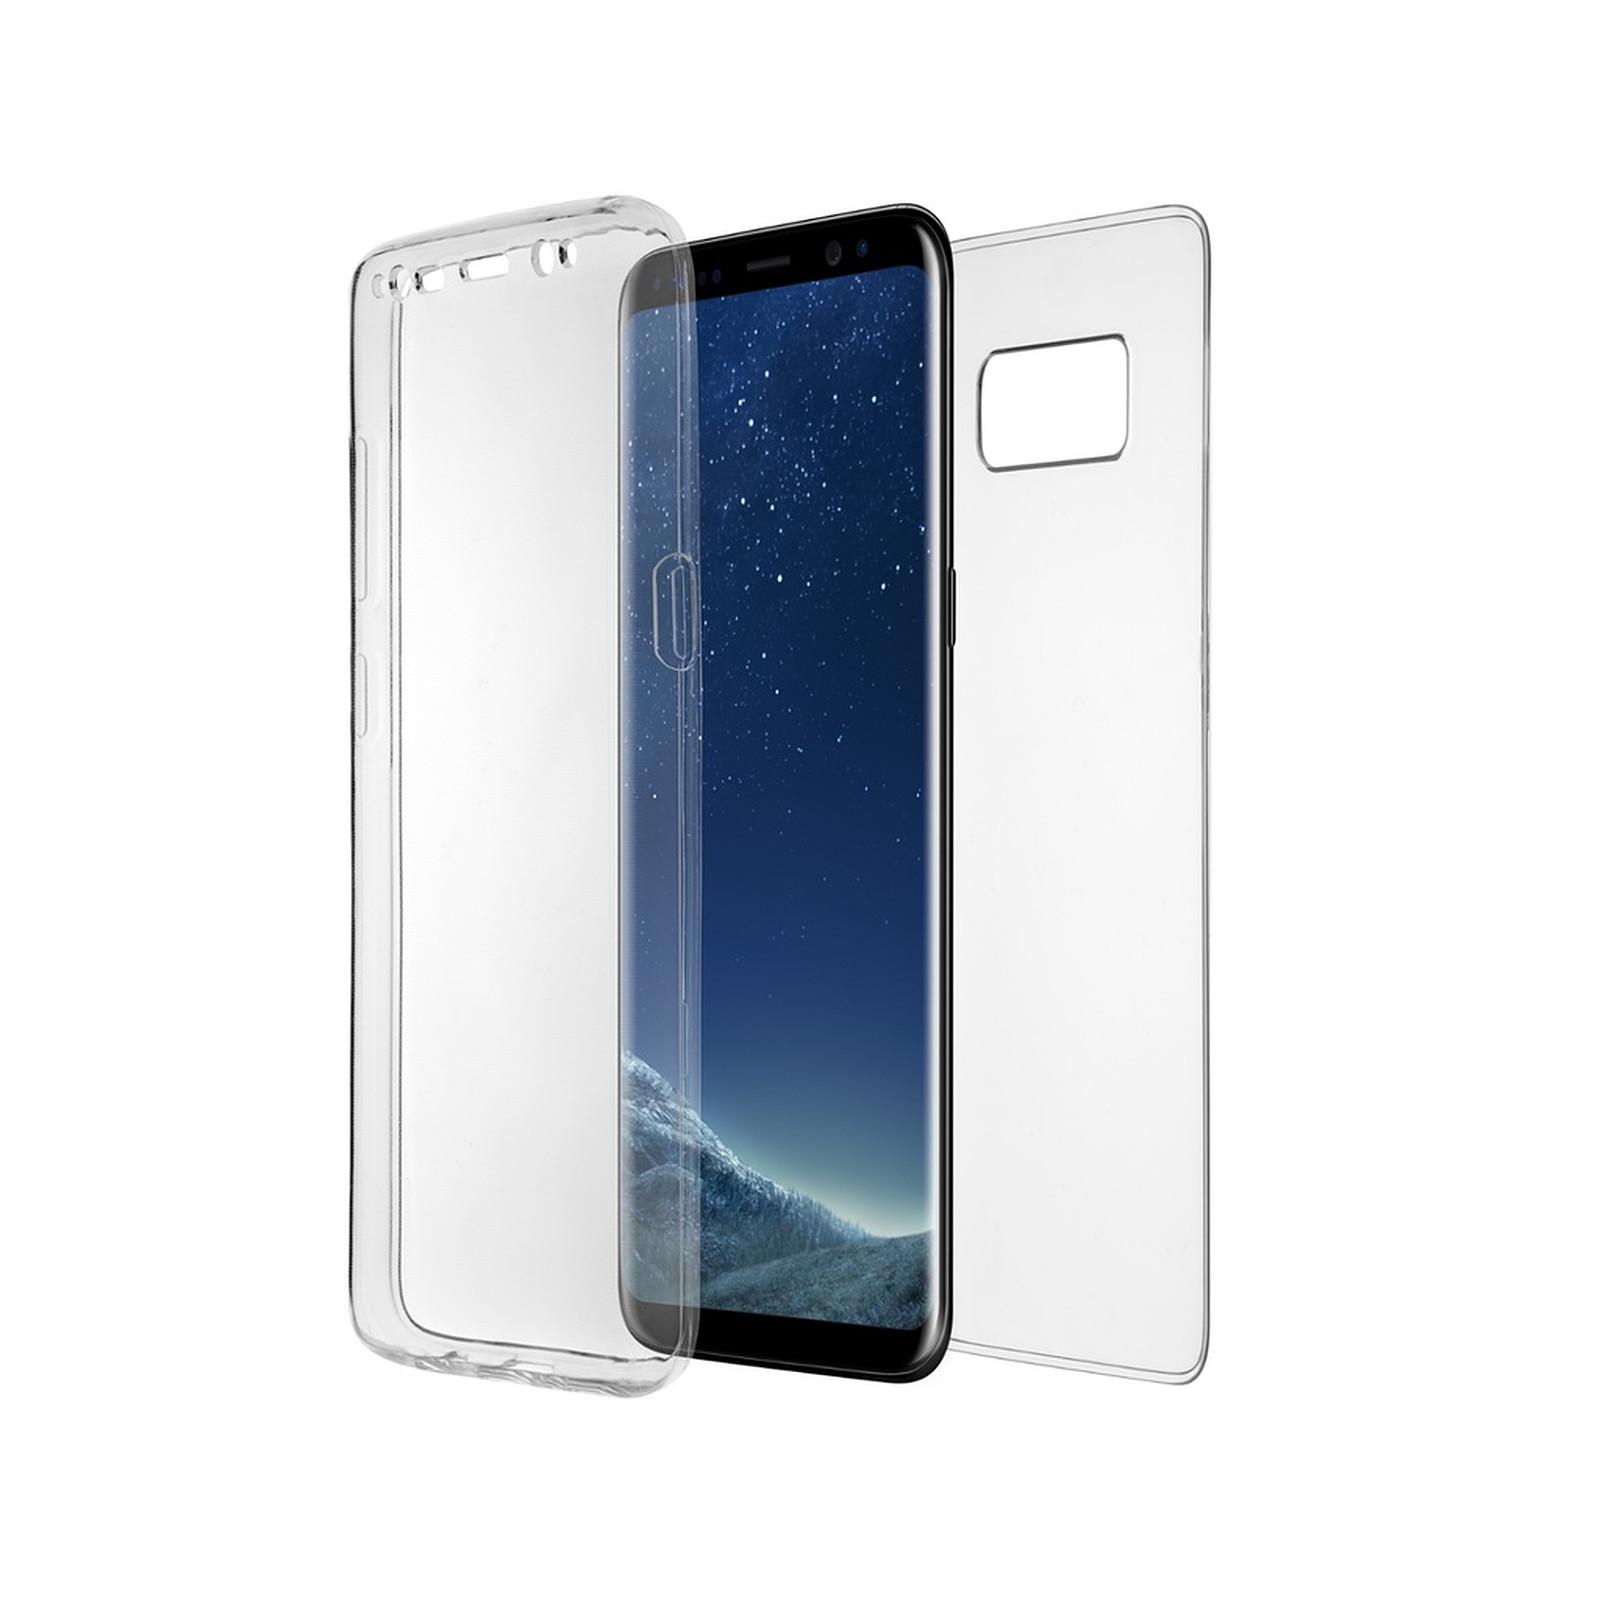 QDOS Fusion S Galaxy S8+